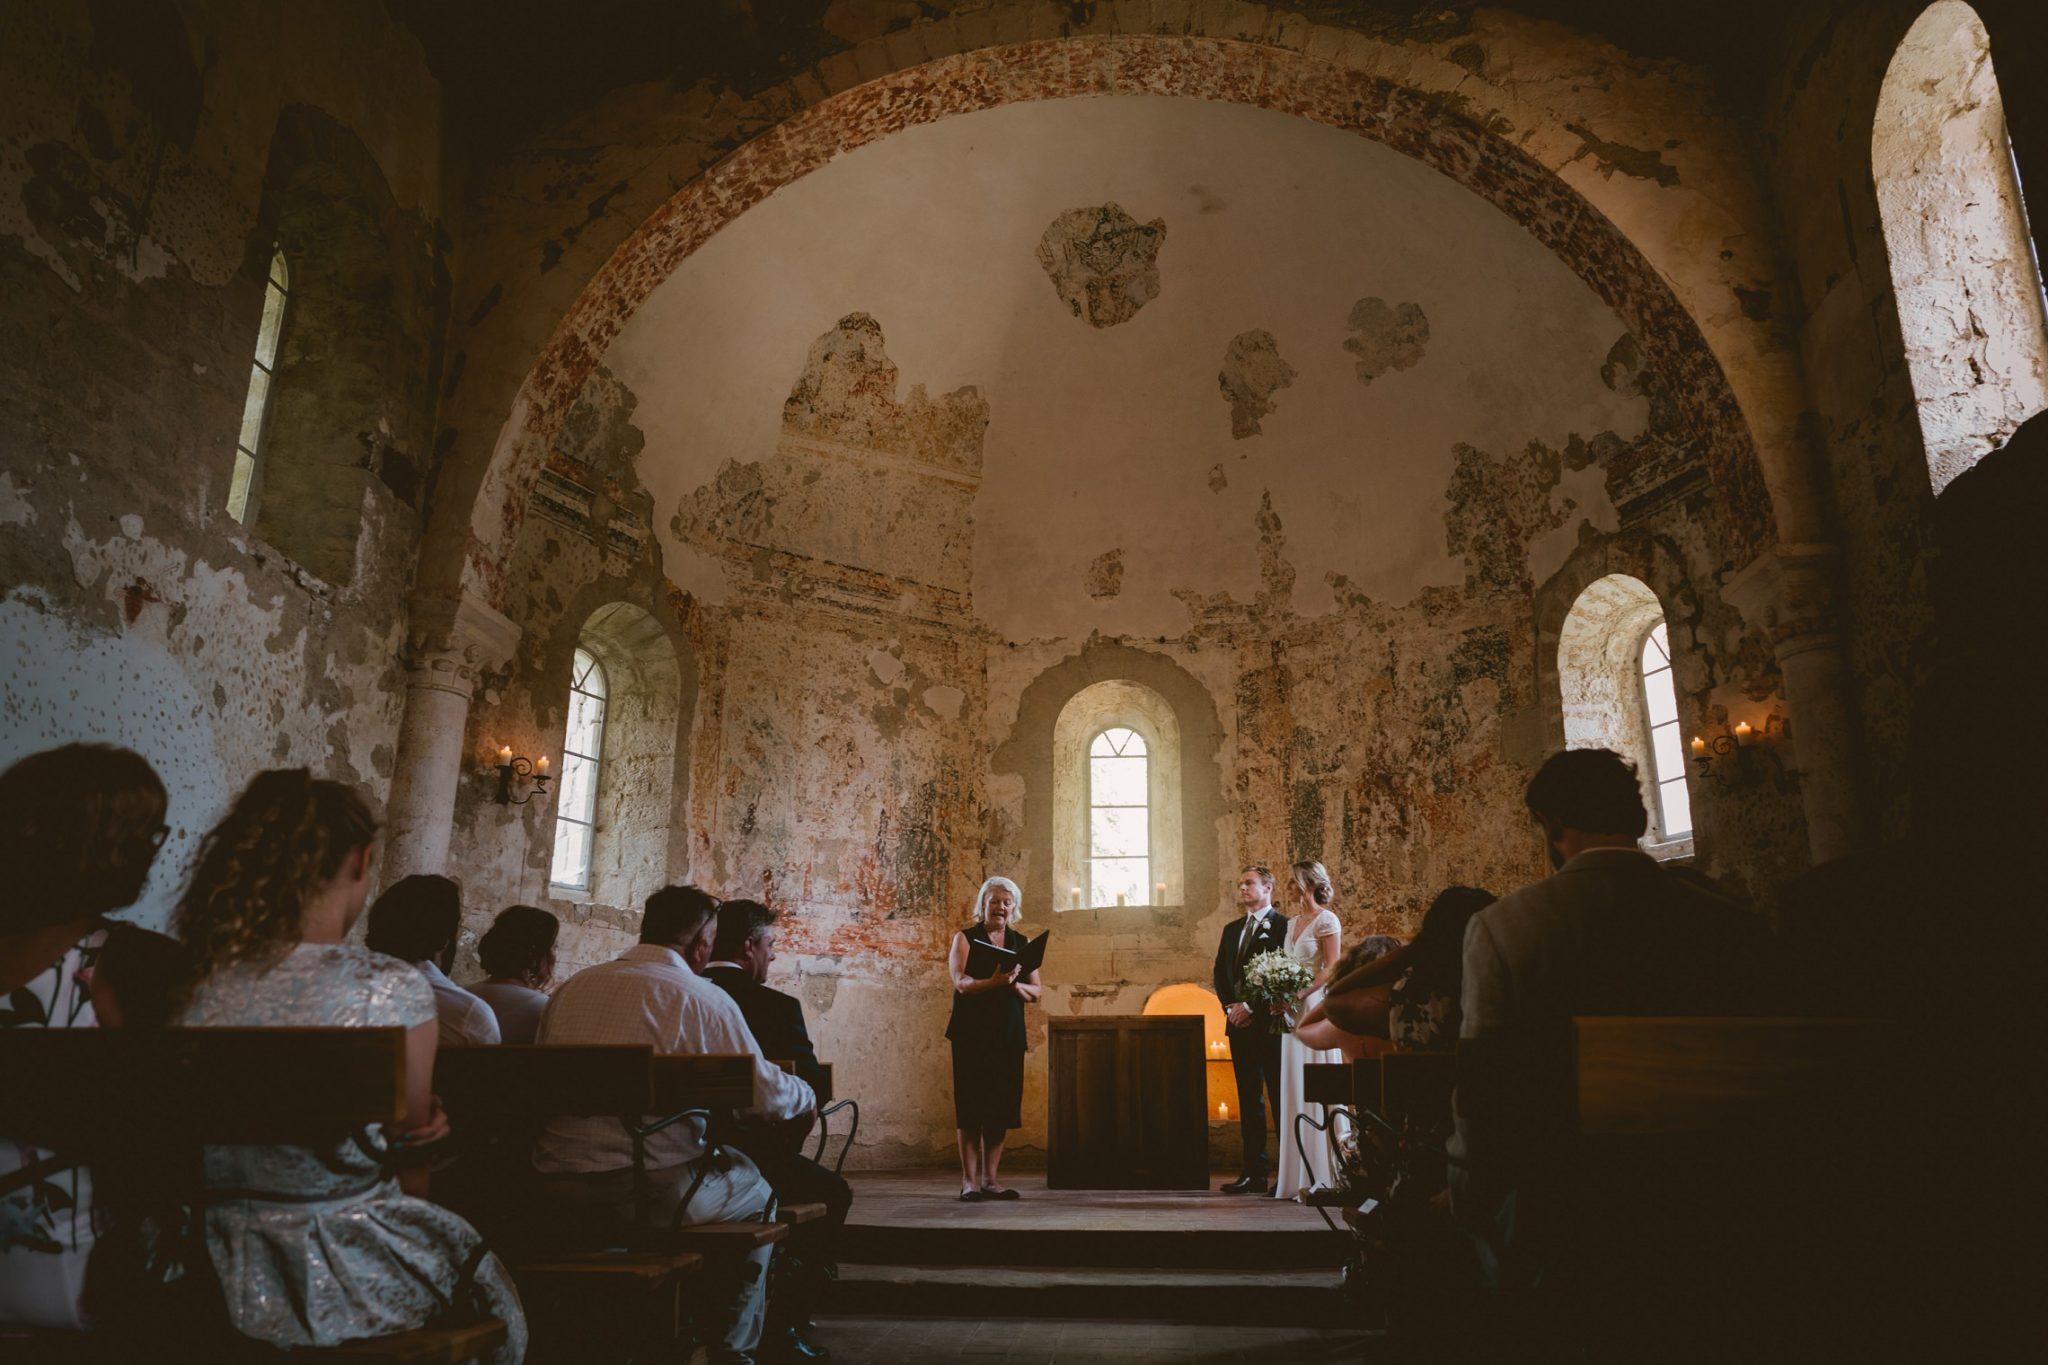 The chapel at Chateau de Queille